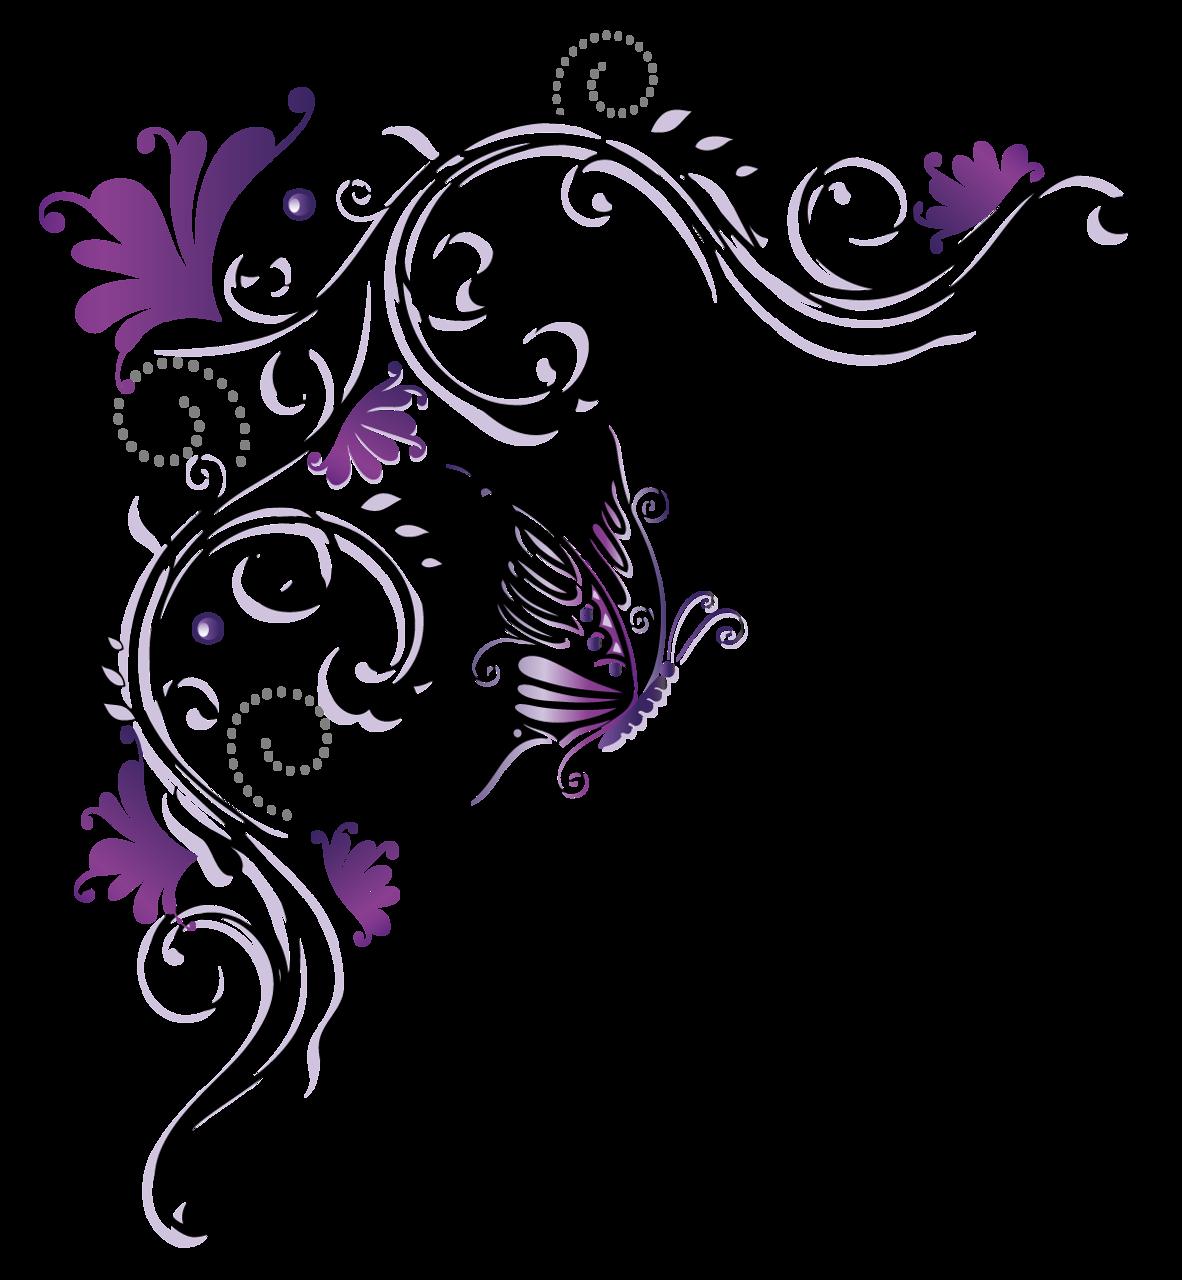 Butterfly 367 | Узоры рисунков хной, Цветочные рисунки ...